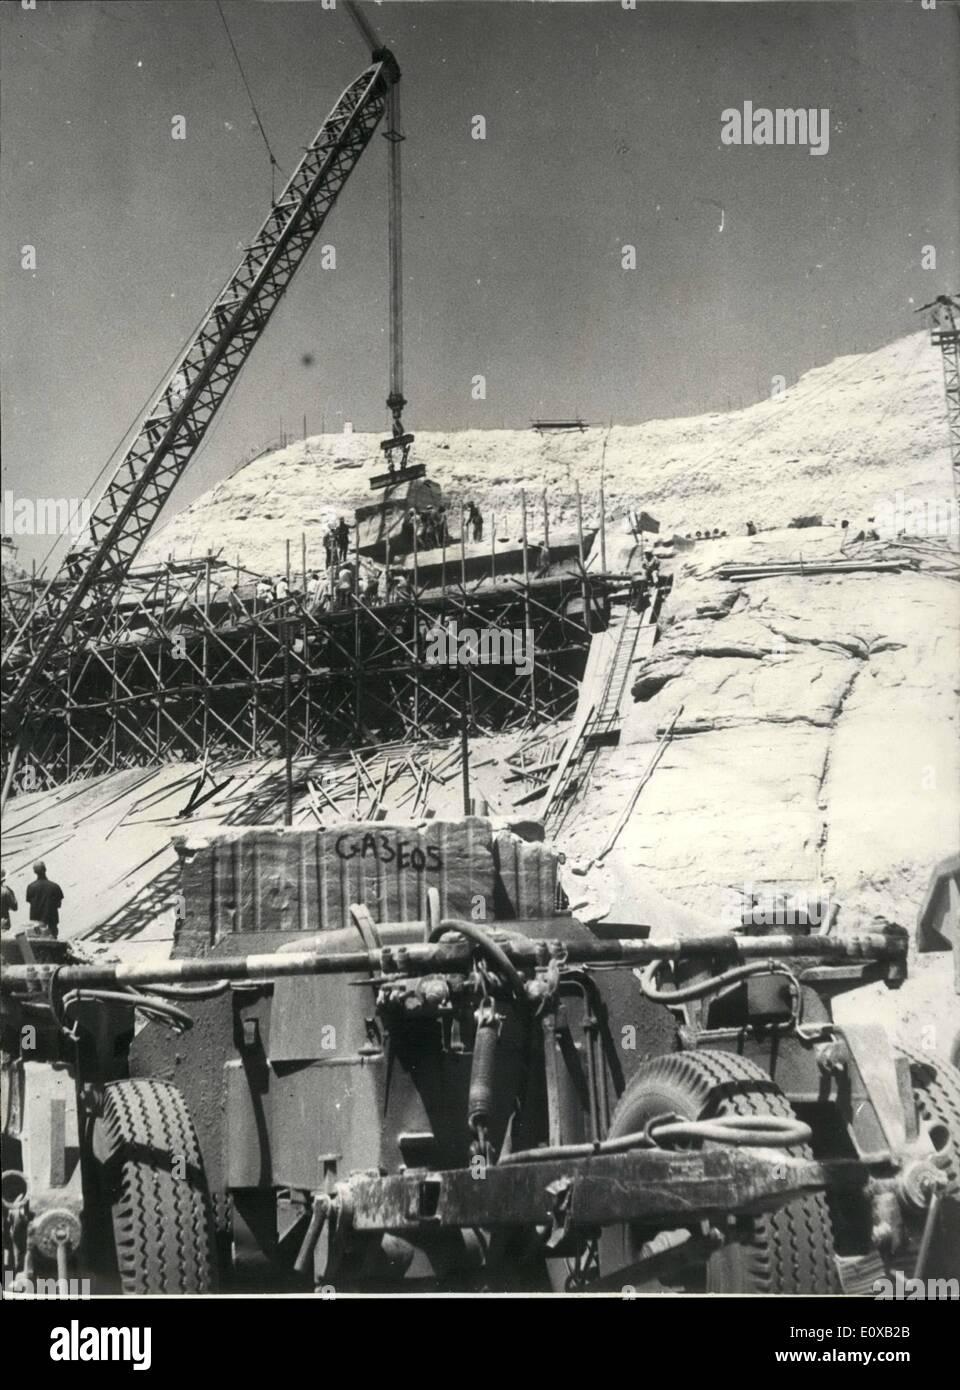 Enero 01, 1966 - el desmantelamiento del primer bloque de la parte superior de la fachada del templo mayor. / Foto de stock